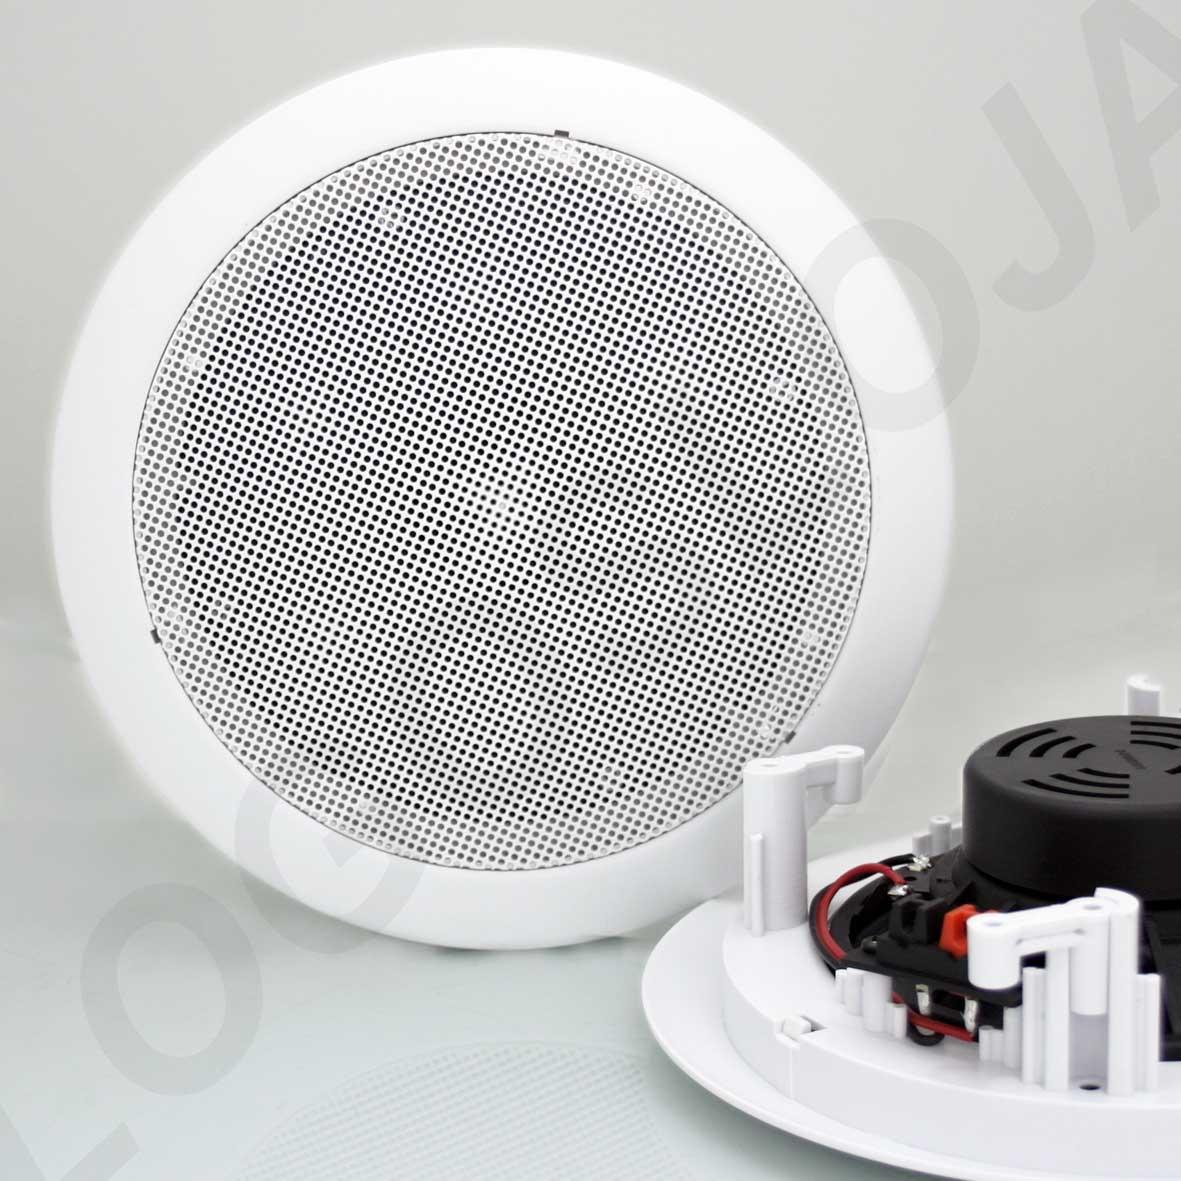 som ambiente para lojas, consultórios  mini amplificador e caixas acústicas ambientes de até 100 m2